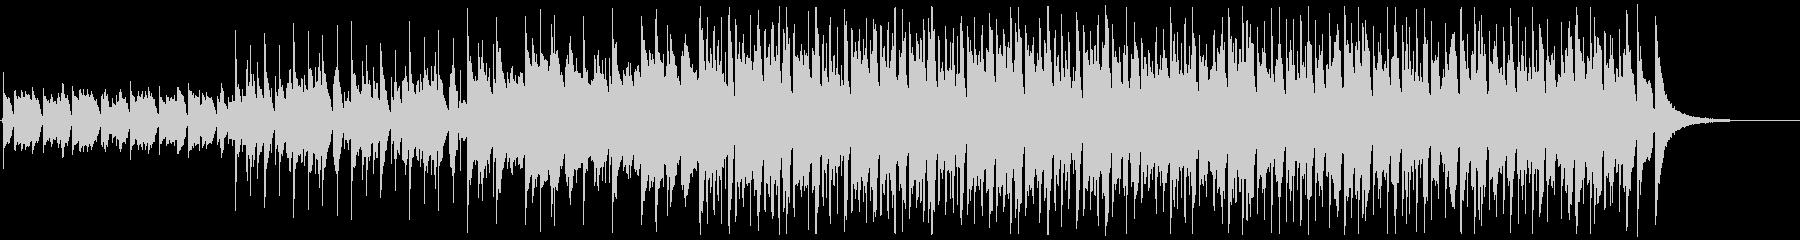 ウクレレとピアノが主なポジティブな曲の未再生の波形